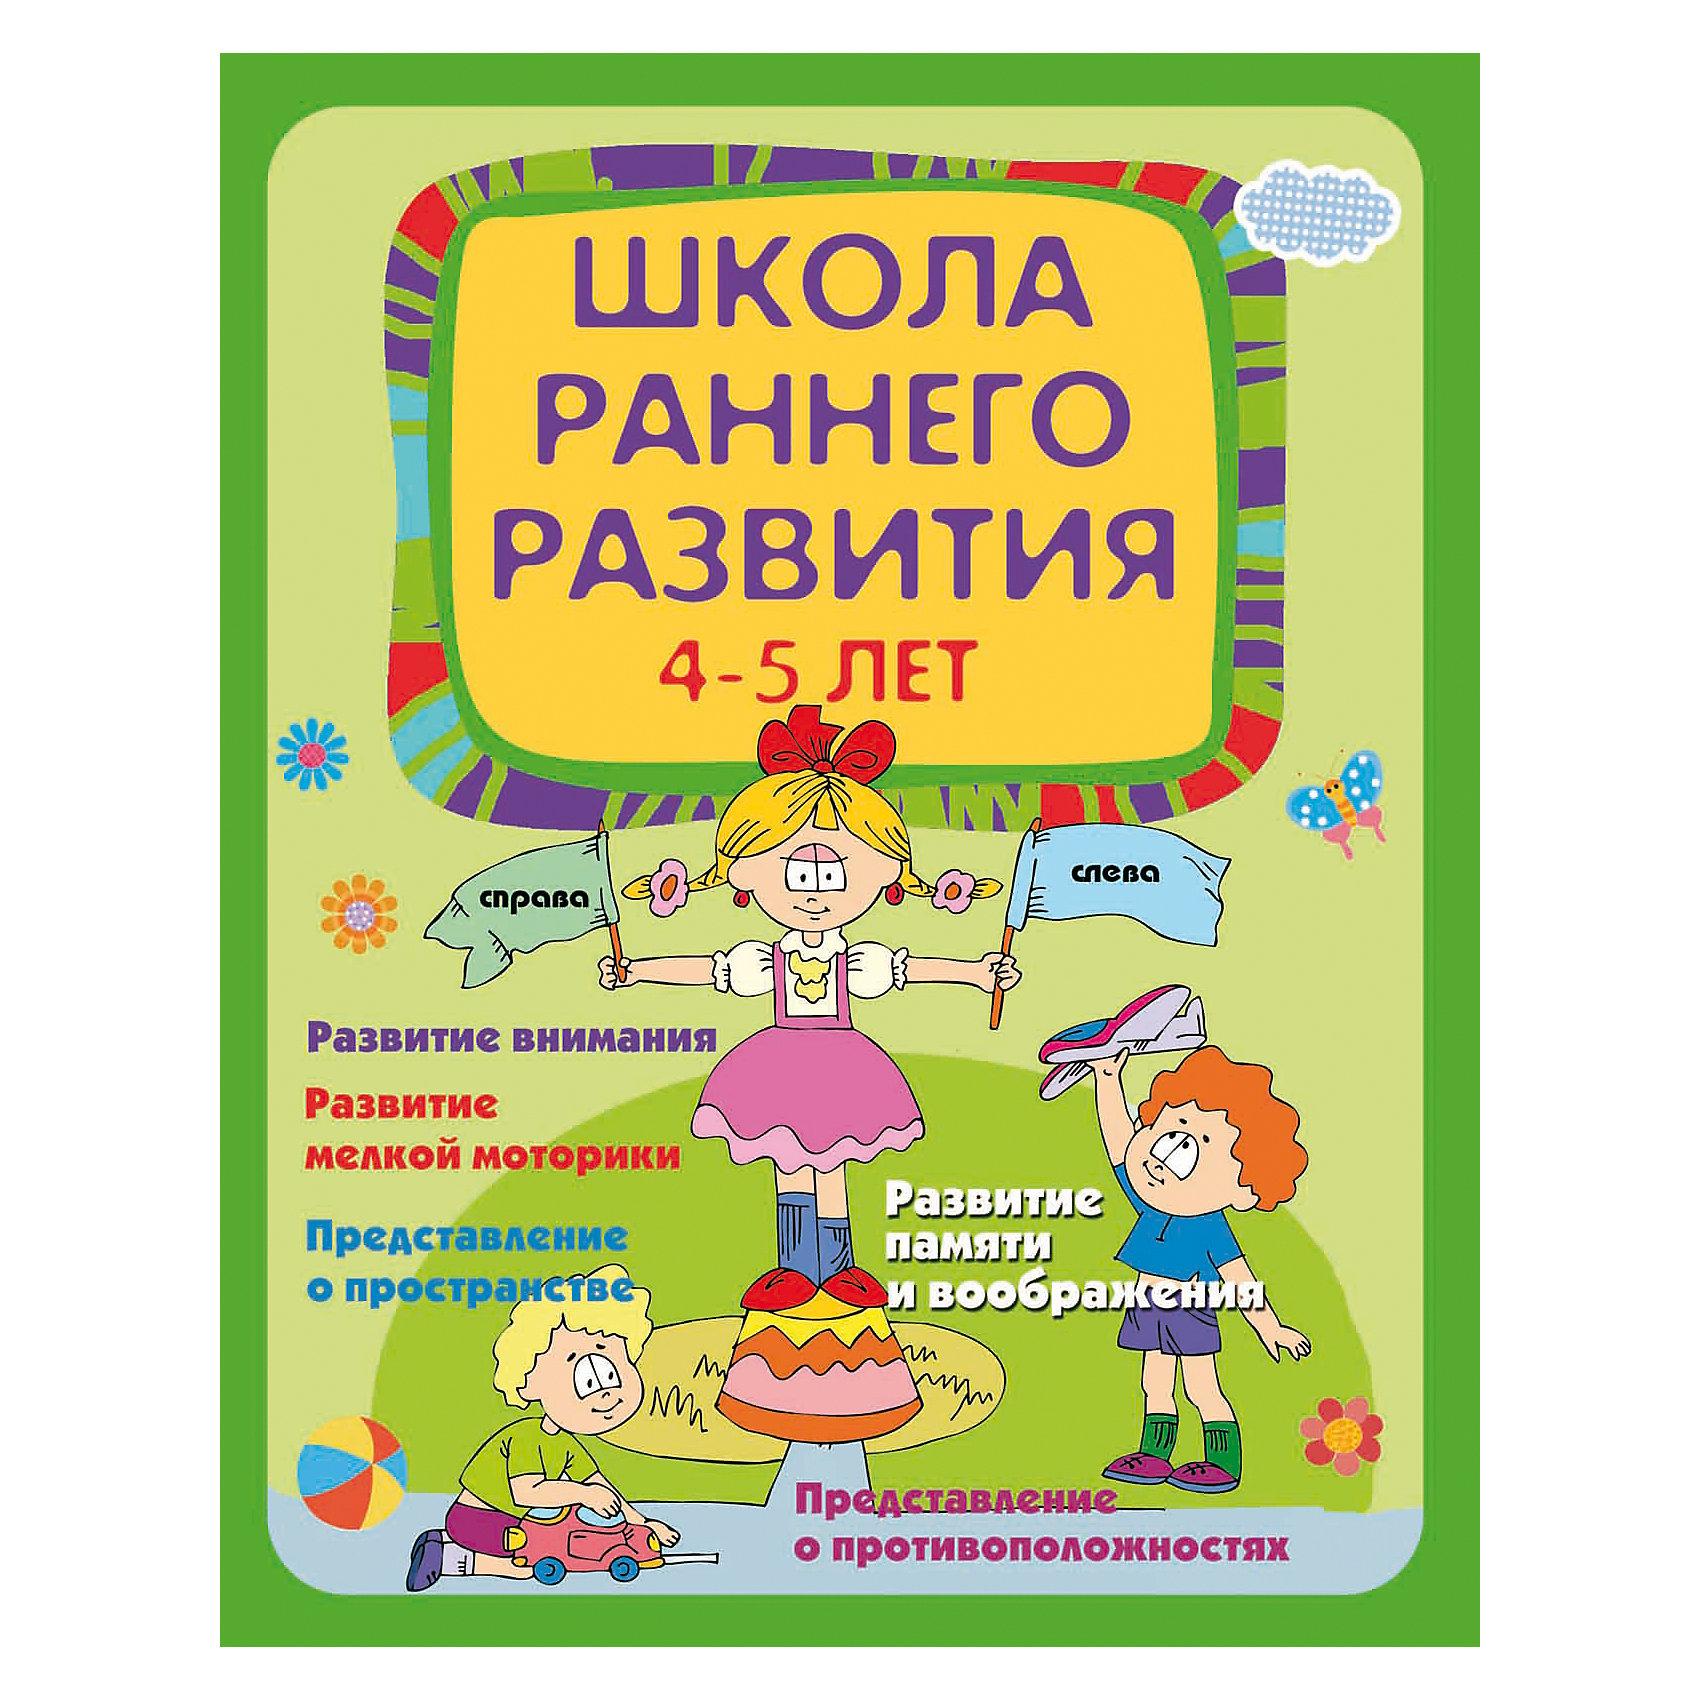 Школа раннего развития 4-5 лет, Е. В. КалининаОбучающие книги<br>Школа раннего развития 4-5 лет, Е. В. Калинина - это книга с увлекательными заданиями для развития детей от 4 до 5 лет.<br>Сборник заданий, направленных на развитие основных навыков, необходимых ребенку дошкольного возраста, содержит разнообразные упражнения на развитие сенсорики и мелкой моторики, памяти и внимания, мышления, воображения и речи, а также несложные математические задачи. В игровой форме ребенок научится не только запоминать, анализировать, сравнивать, обобщать, но и размышлять, фантазировать, абстрактно мыслить.<br><br>Дополнительная информация:<br><br>- Автор: Калинина Елена Викторовна<br>- Художник: Диденко Наталья<br>- Редактор: Фоминичев Антон<br>- Издательство: Феникс-Премьер, 2015 г.<br>- Серия: Школа развития<br>- Тип обложки: мягкий переплет (крепление скрепкой или клеем)<br>- Иллюстрации: цветные<br>- Количество страниц: 80 (офсет)<br>- Размер: 260x200x6 мм.<br>- Вес: 244 гр.<br><br>Книгу «Школа раннего развития 4-5 лет», Е. В. Калинина можно купить в нашем интернет-магазине.<br><br>Ширина мм: 199<br>Глубина мм: 6<br>Высота мм: 260<br>Вес г: 235<br>Возраст от месяцев: 48<br>Возраст до месяцев: 60<br>Пол: Унисекс<br>Возраст: Детский<br>SKU: 4637821